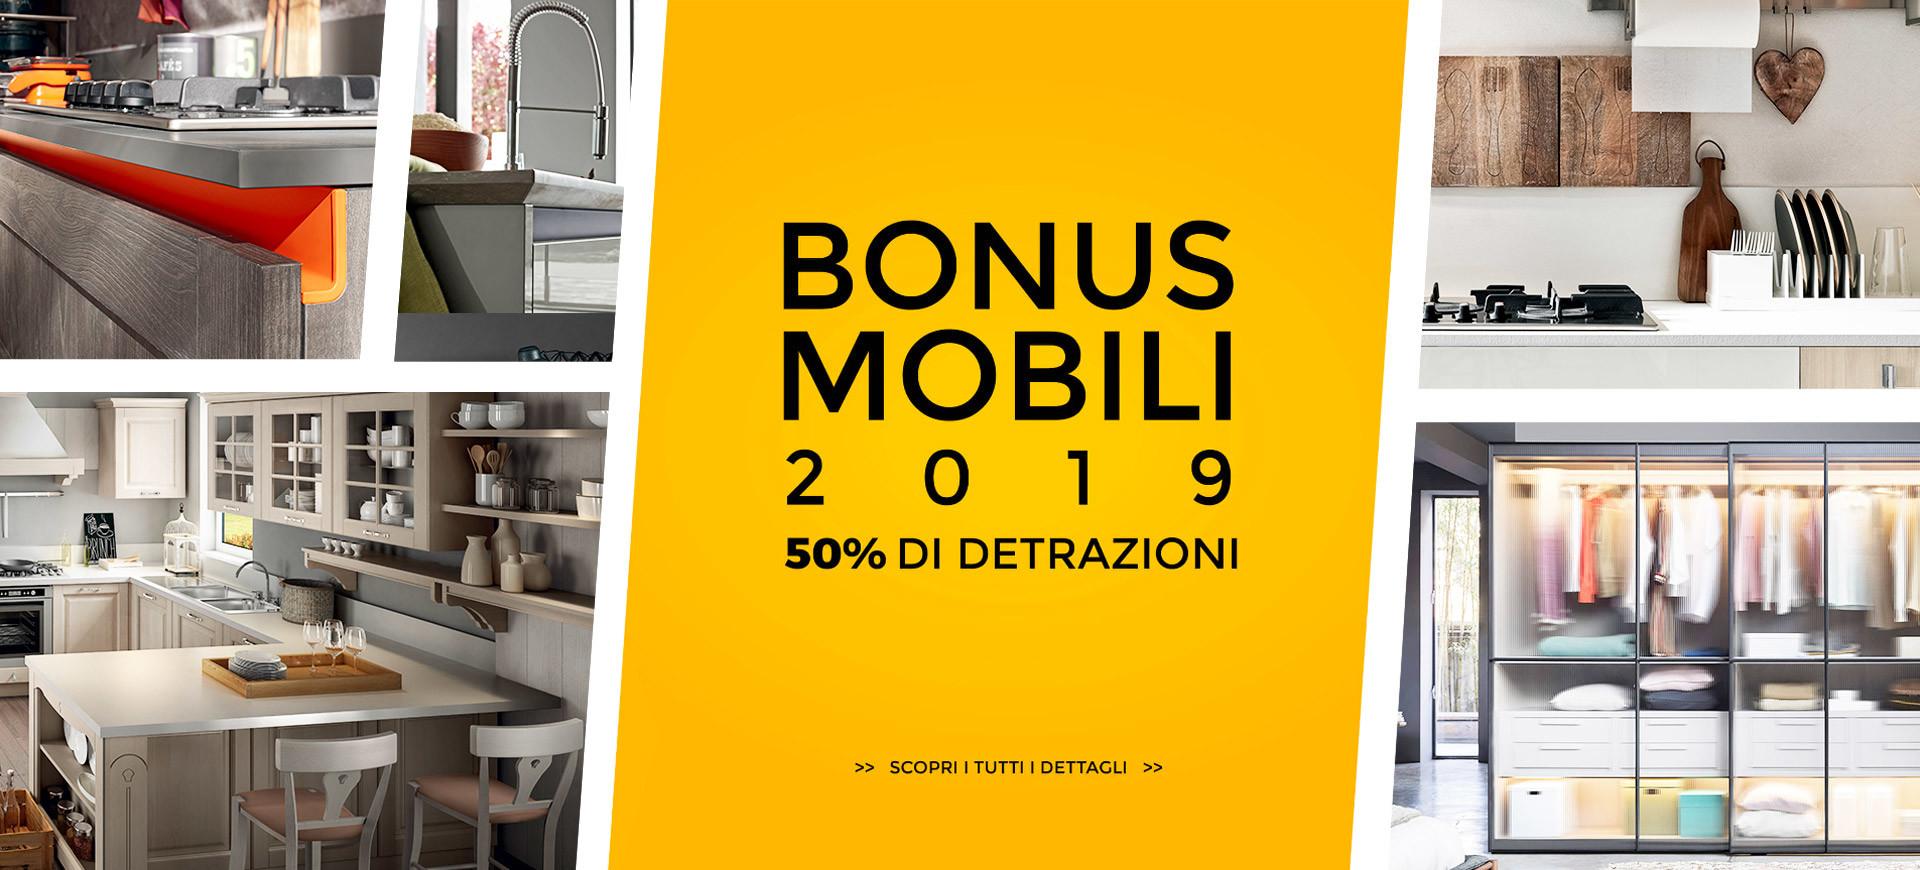 cucine-stosa-roma-bonus-mobili-2019